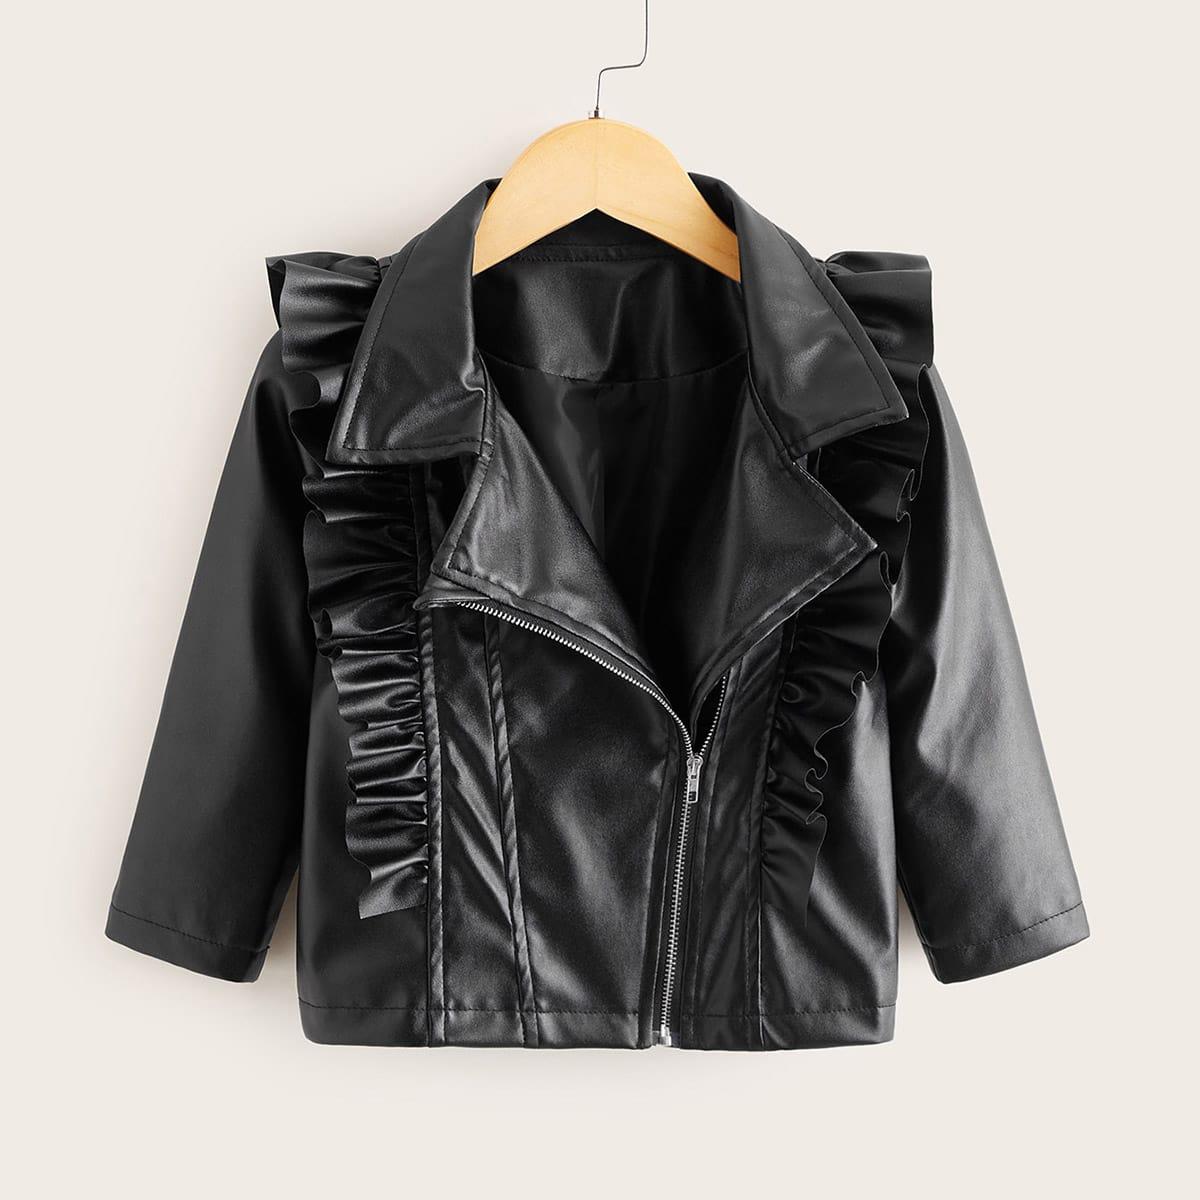 Байкерская куртка из искусственной кожи с молнией для девочек от SHEIN